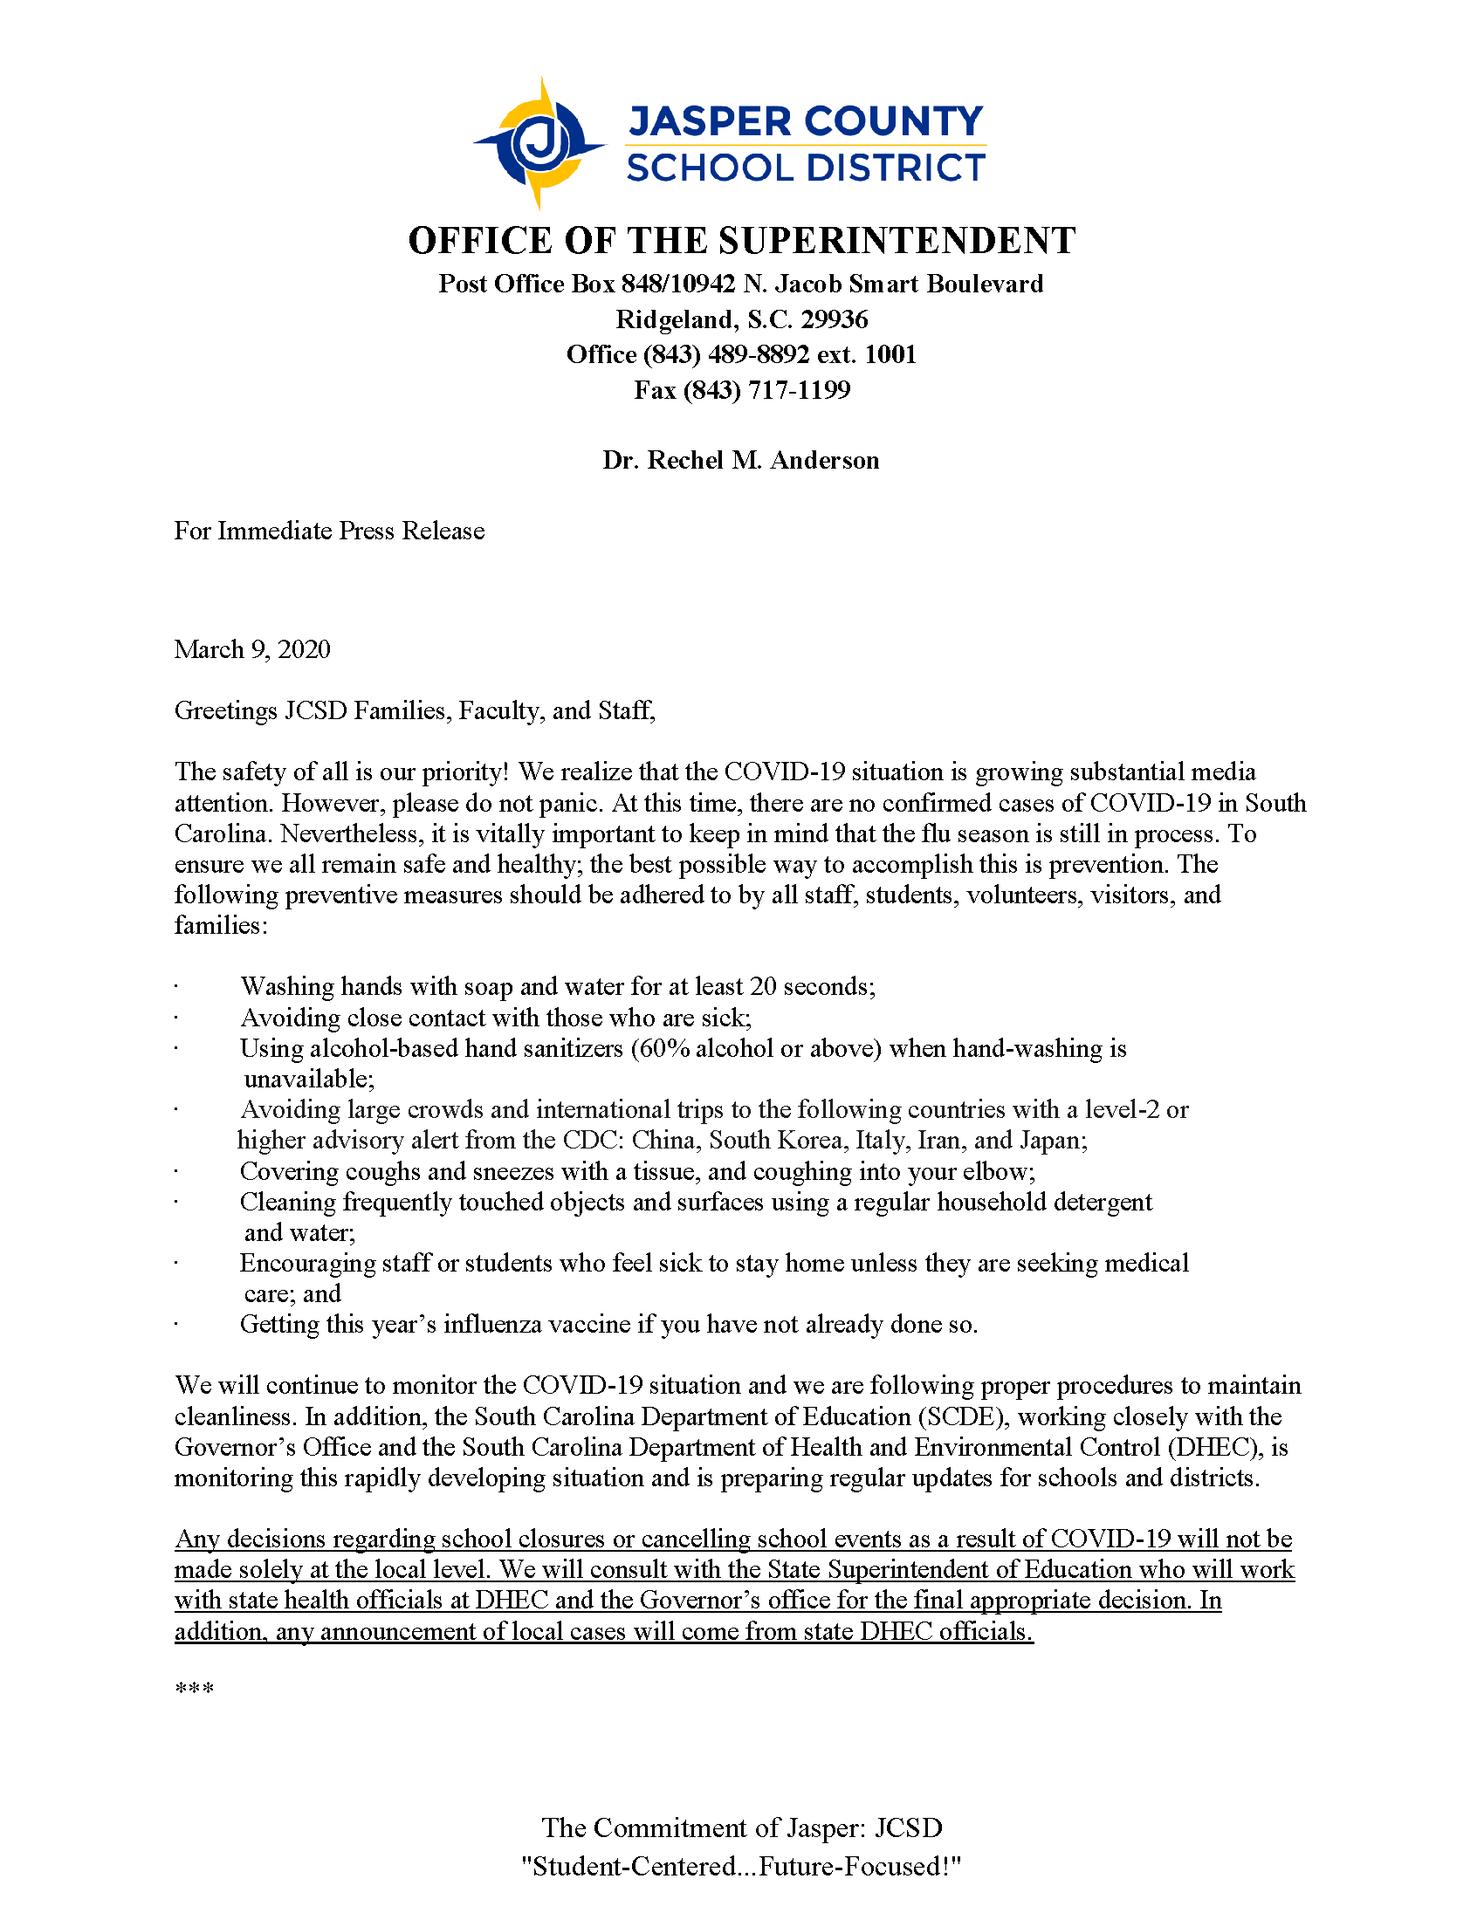 COVID 19 press release